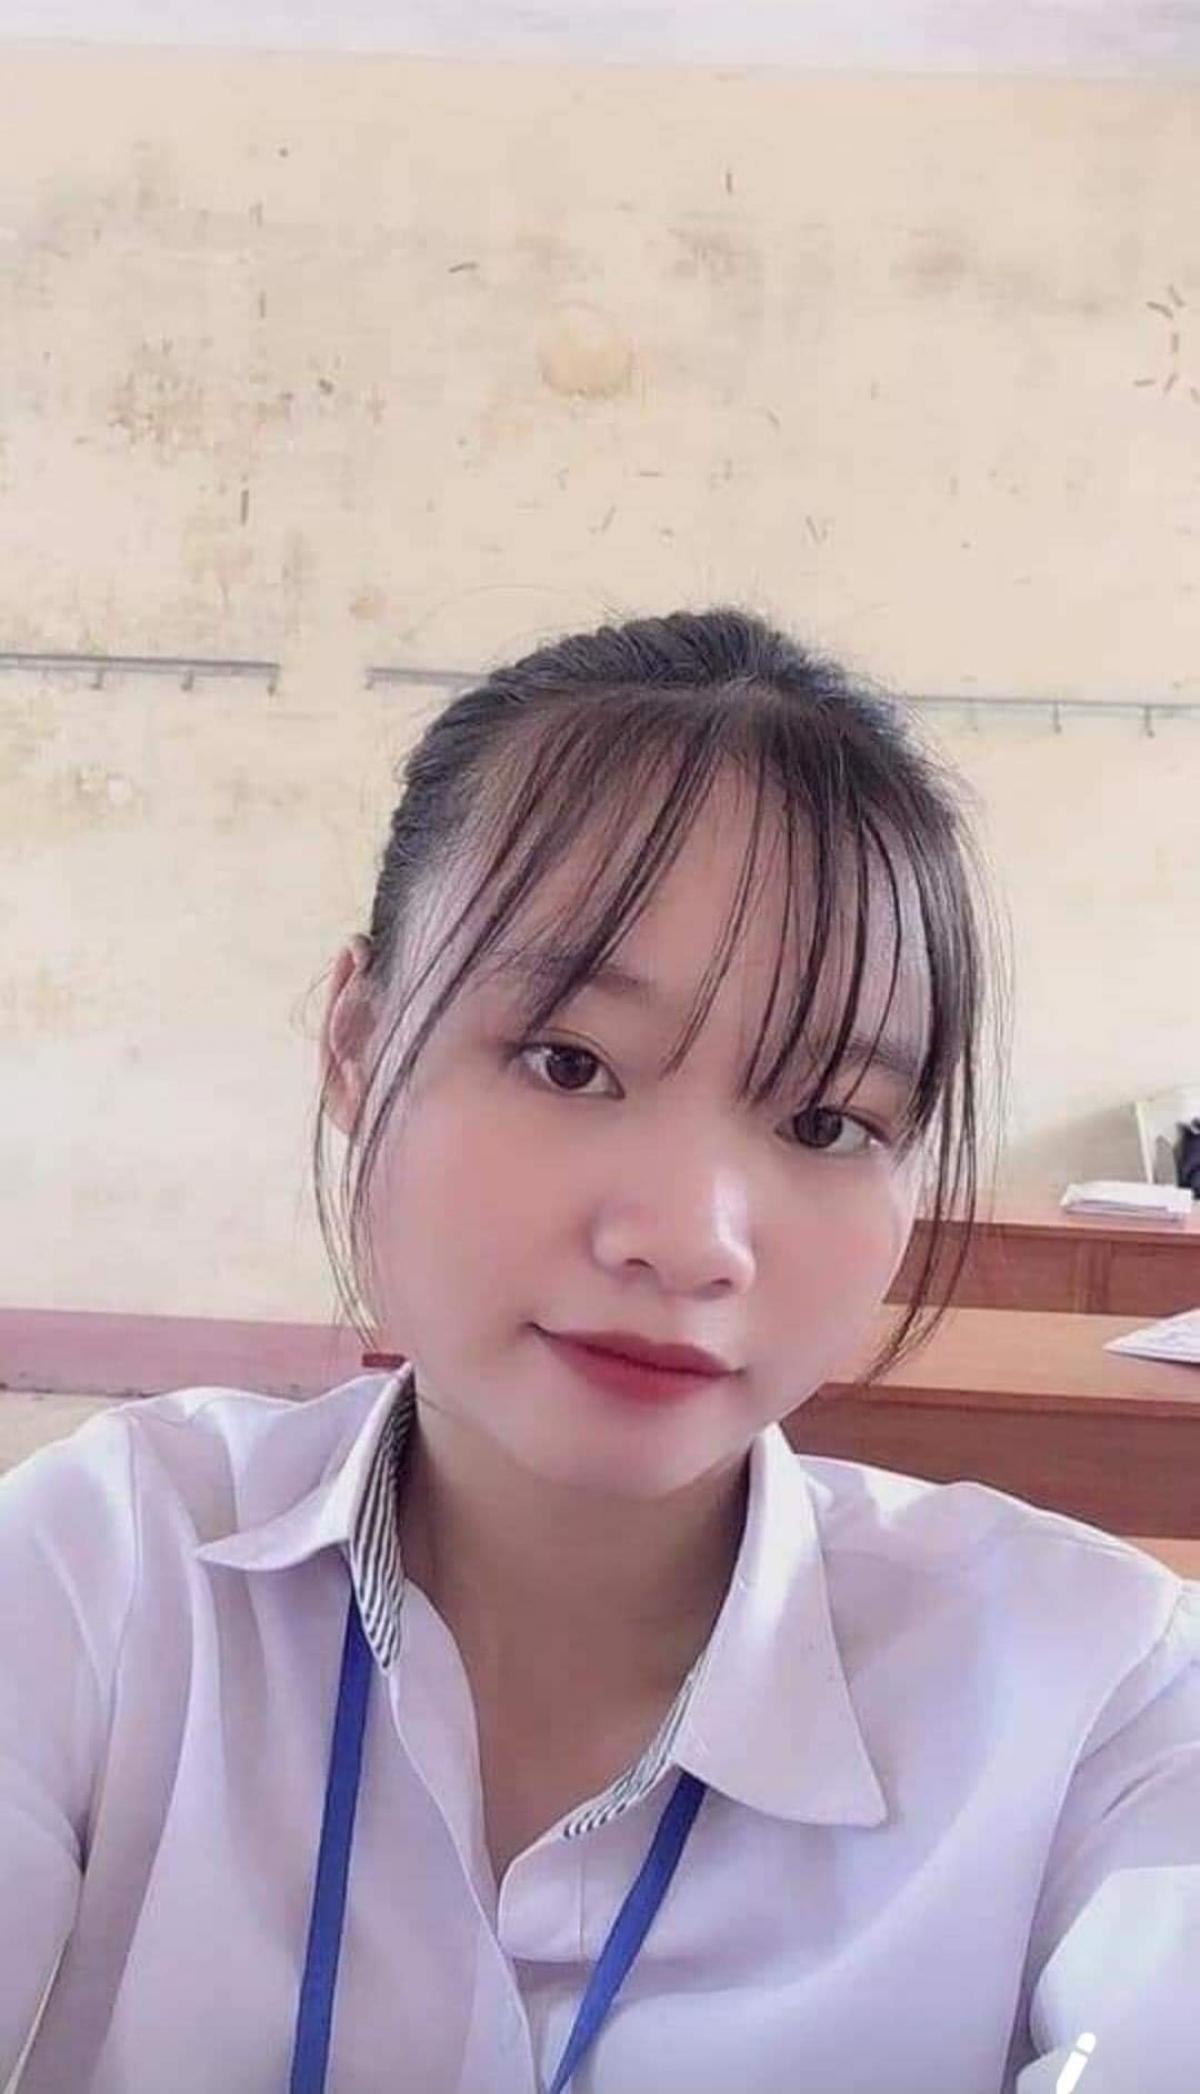 """Nữ sinh Nguyễn Huyền Trang đã """"mất tích"""" nhiều ngày qua."""